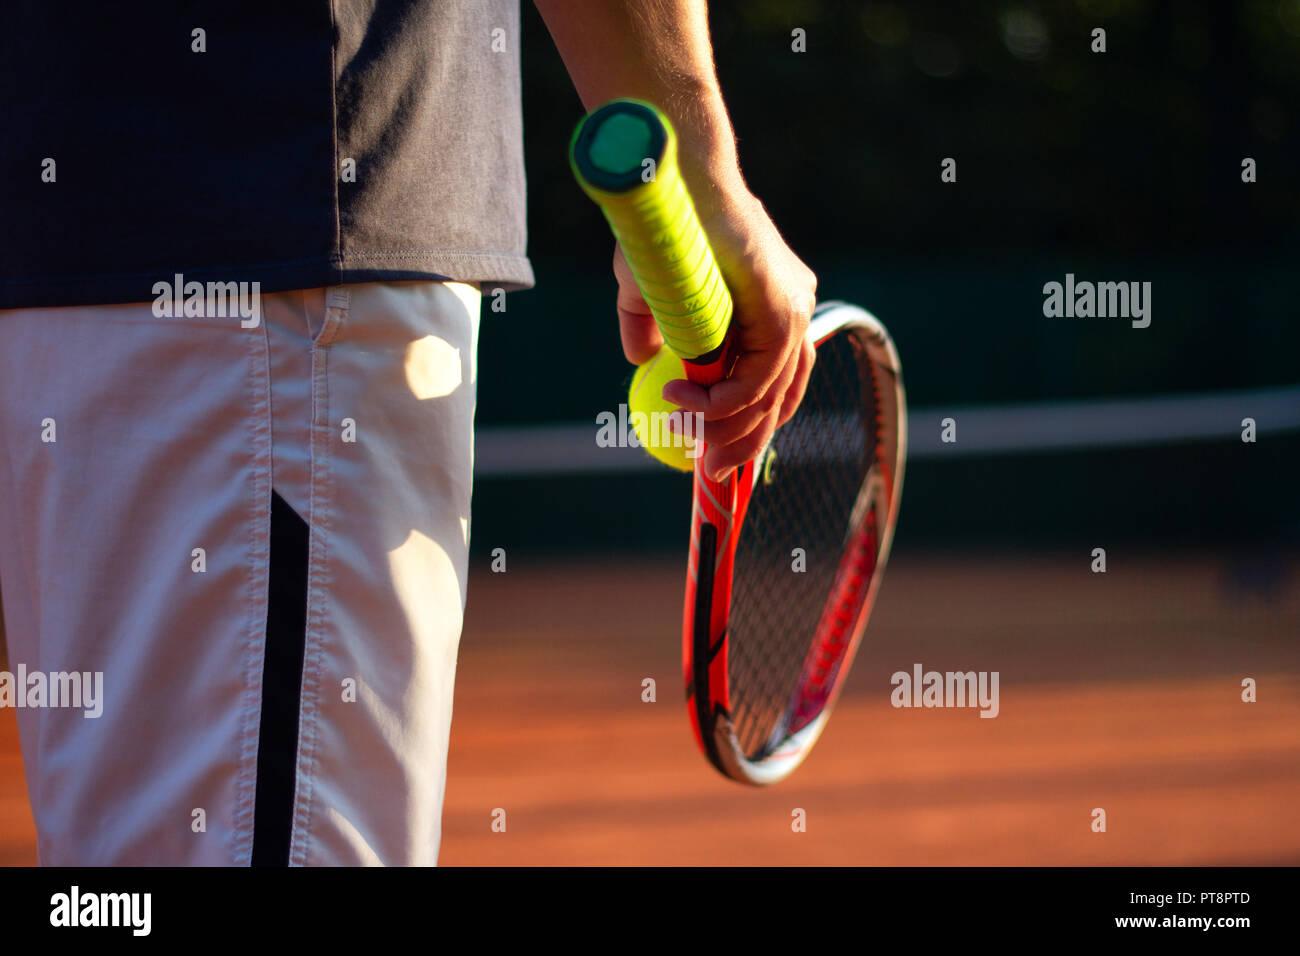 Un jugador de tenis se prepara para servir una pelota de tenis durante un partido Foto de stock